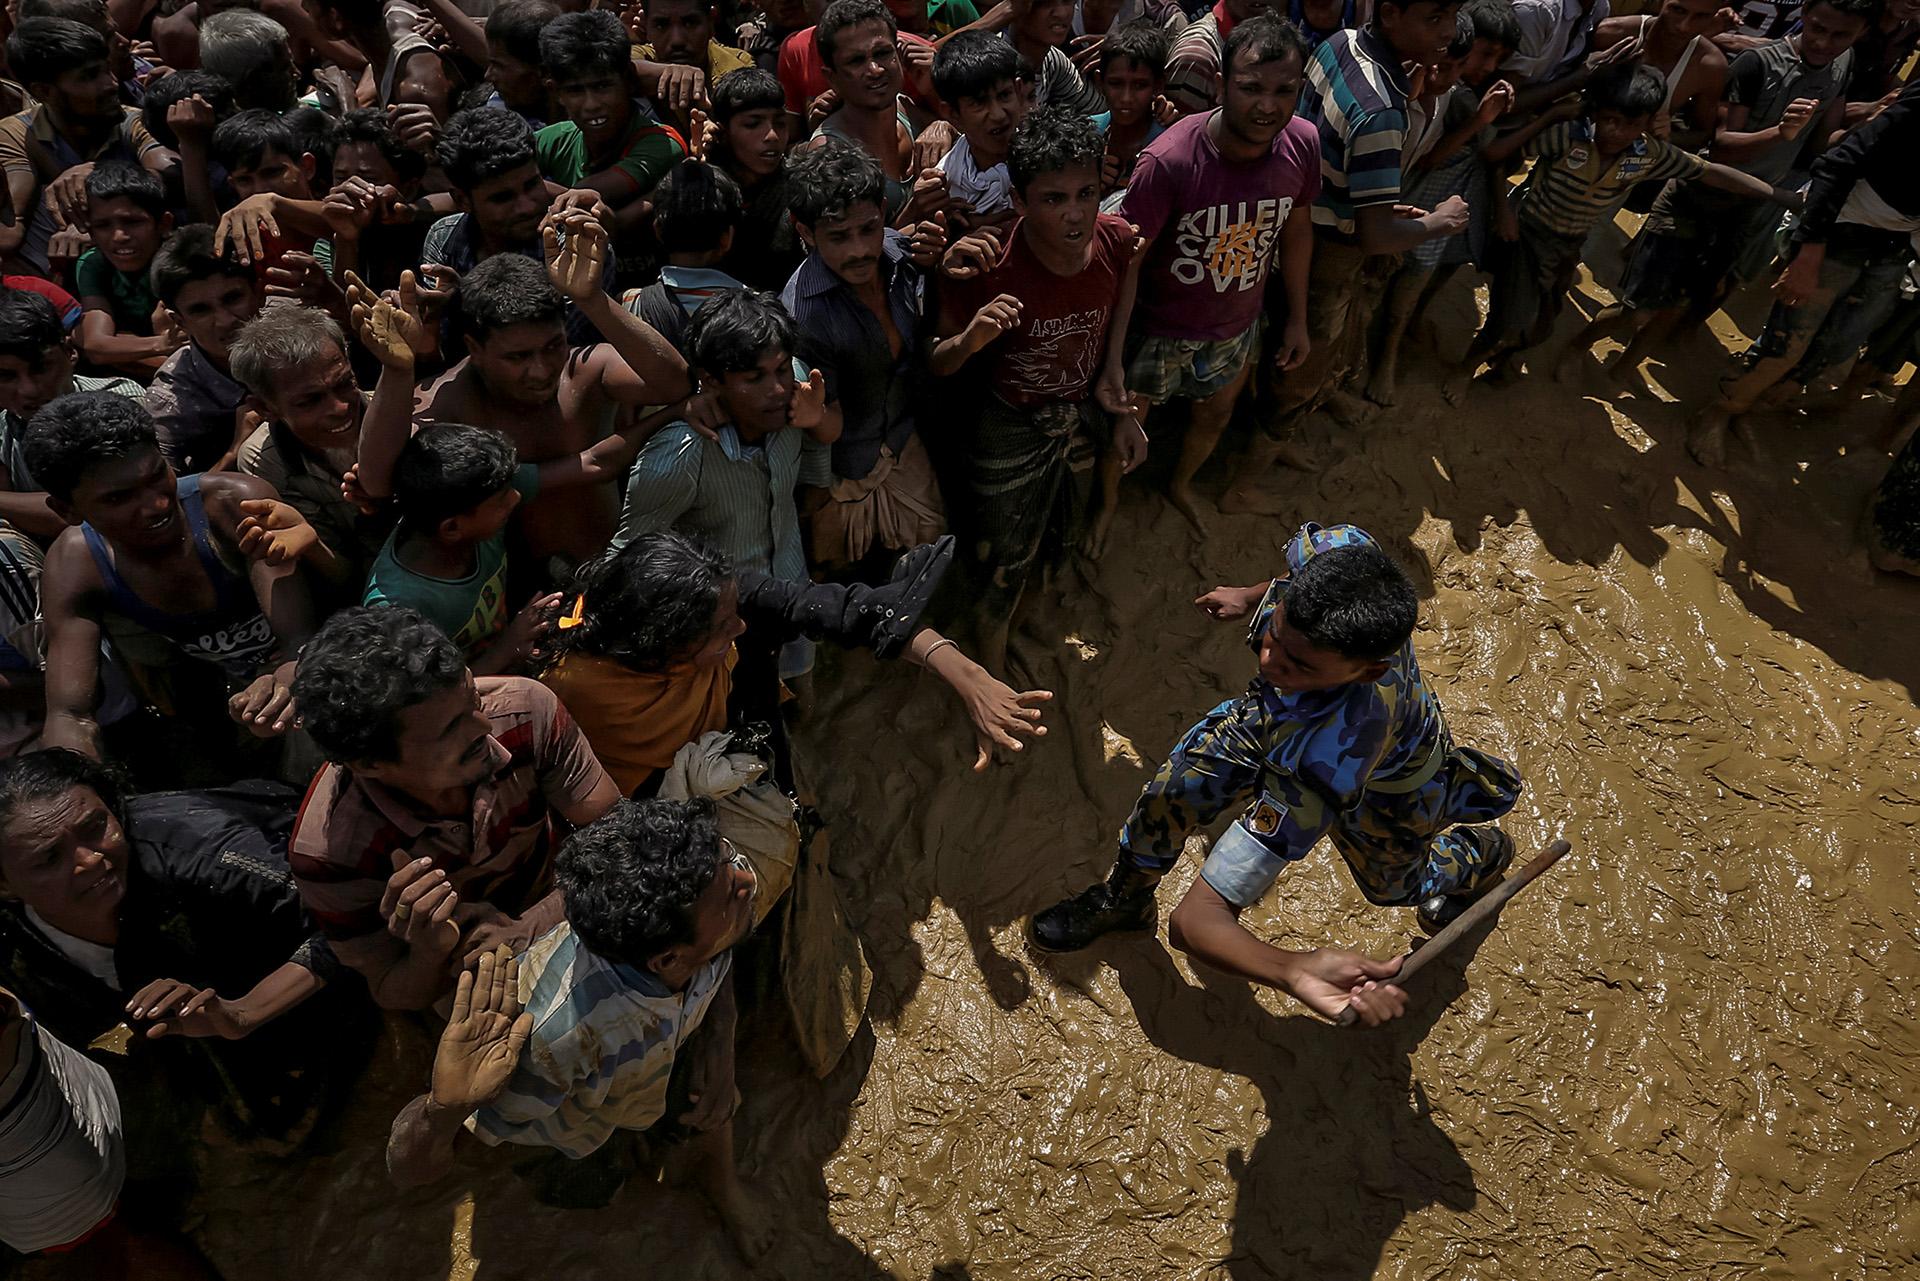 Un oficial de seguridad intenta controlar a los refugiados rohingya que esperan recibir ayuda en Cox's Bazar, Bangladesh, el 21 de septiembre de 2017. (Cathal McNaughton)